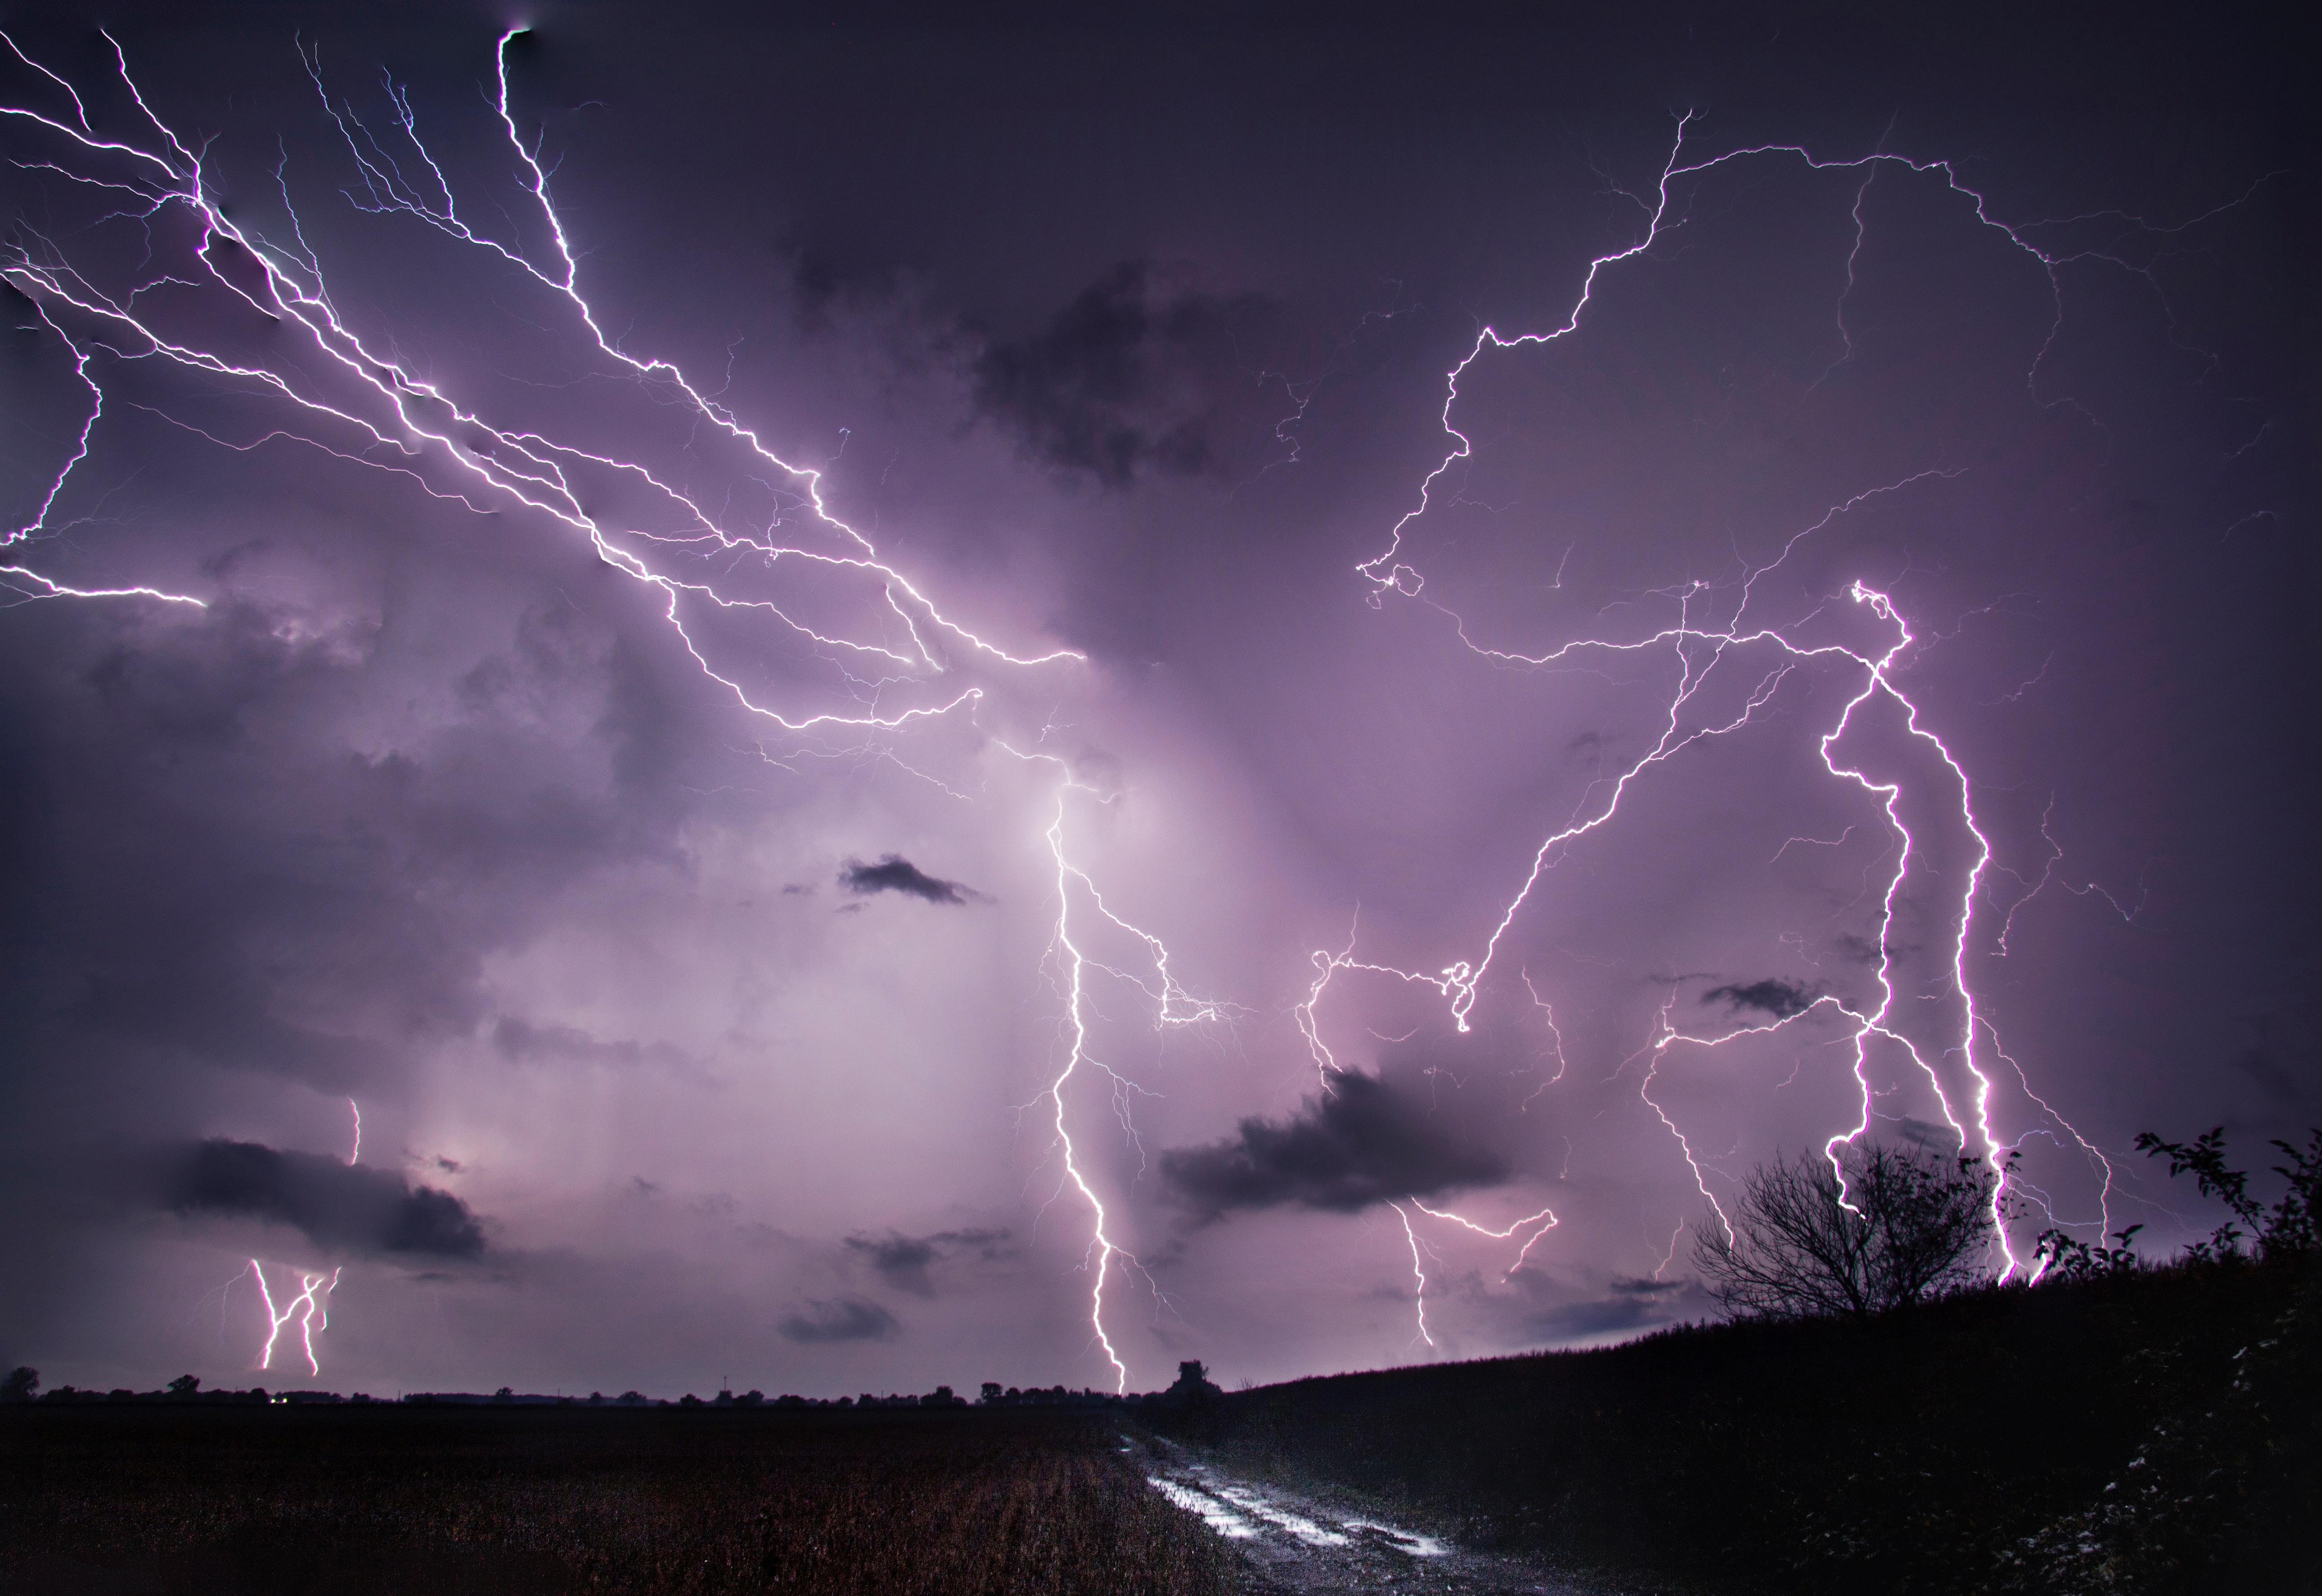 59482 Заставки и Обои Молния на телефон. Скачать Природа, Дорога, Поле, Молния, Гроза картинки бесплатно